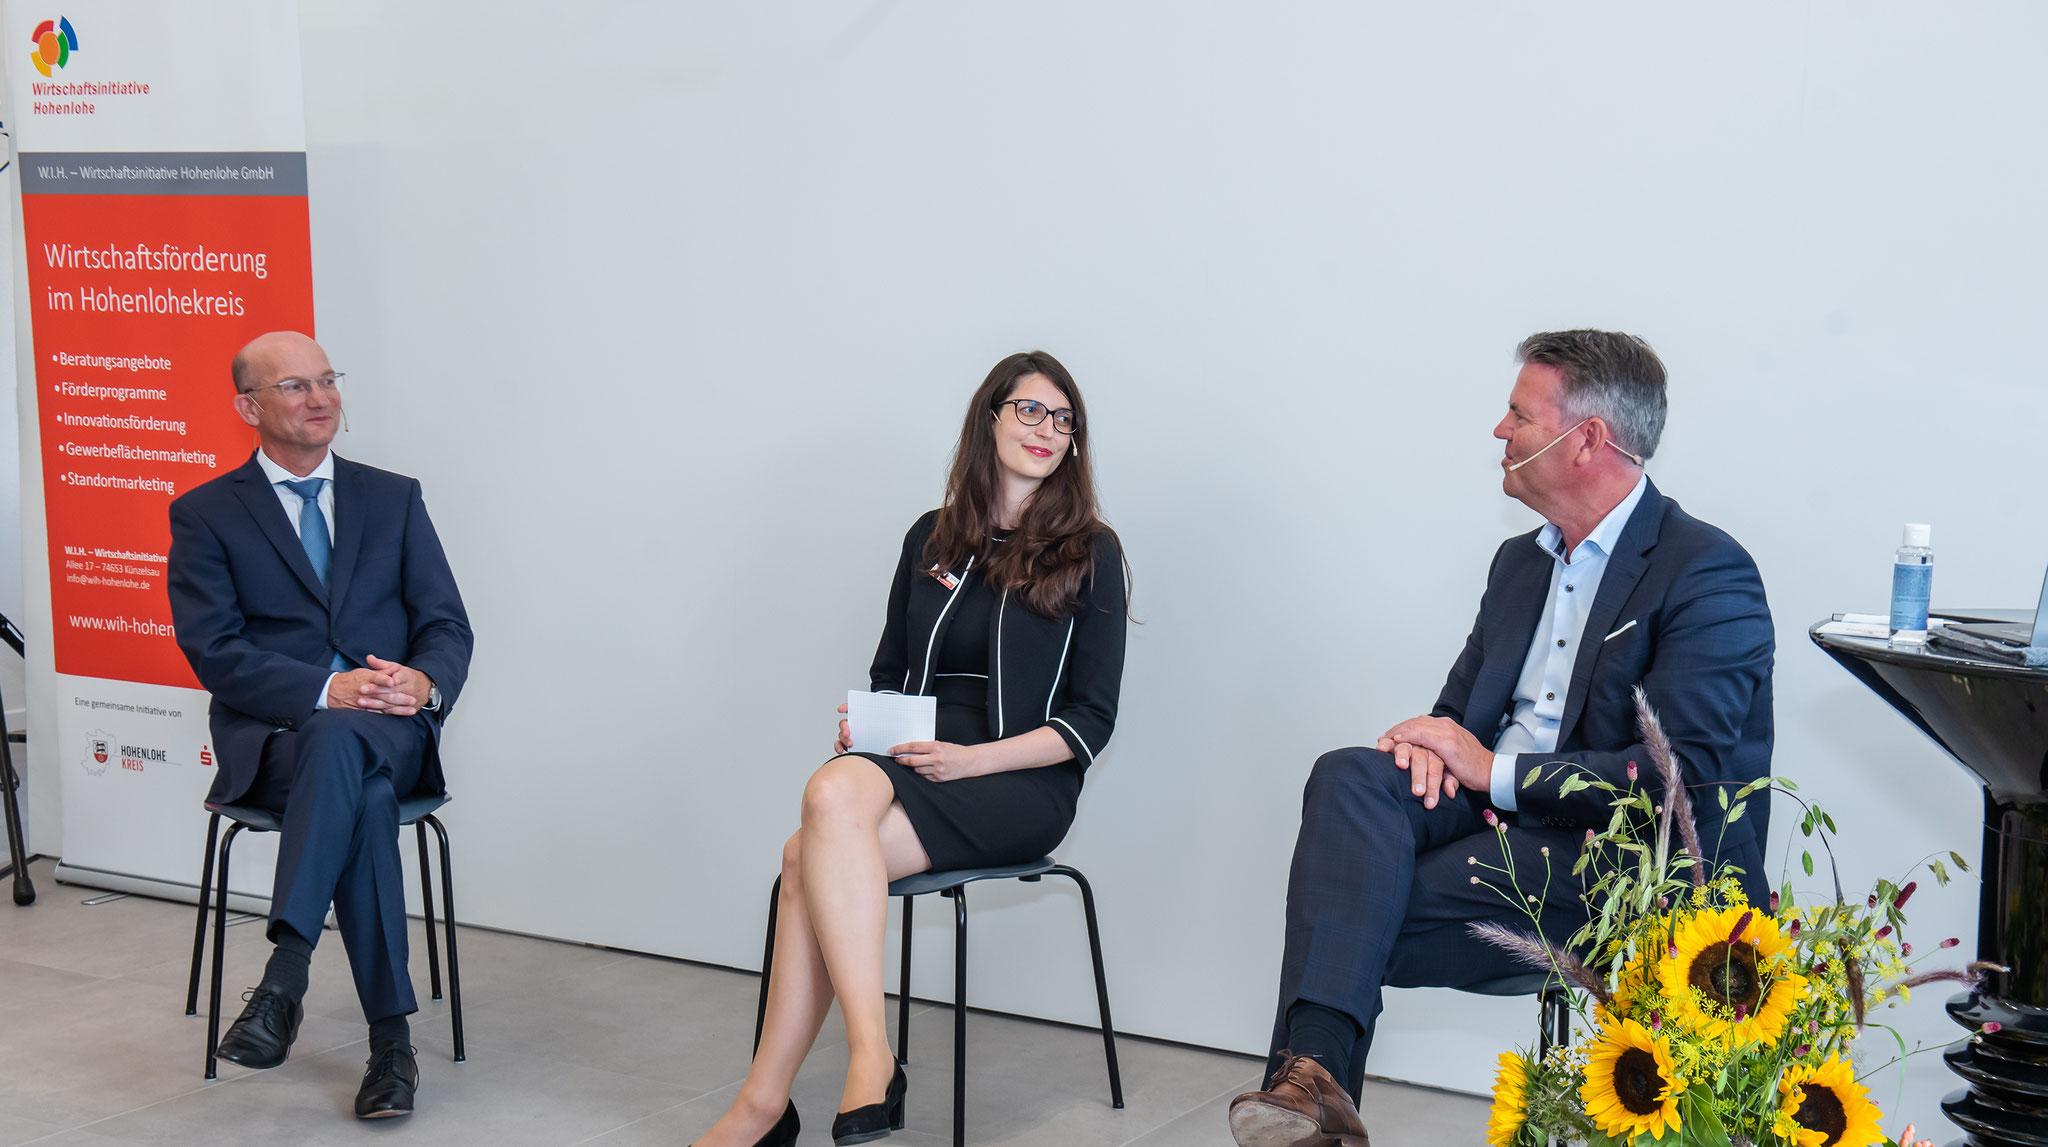 Podiumsdiskussion: v.l: Dirk Döllner (CEO Anold Group), Caroline Bogenschütz (Wirtschaftsförderin), Bernd Kaufmann (Vorstandsvorsitzender der Sparkasse Hohenlohekreis)